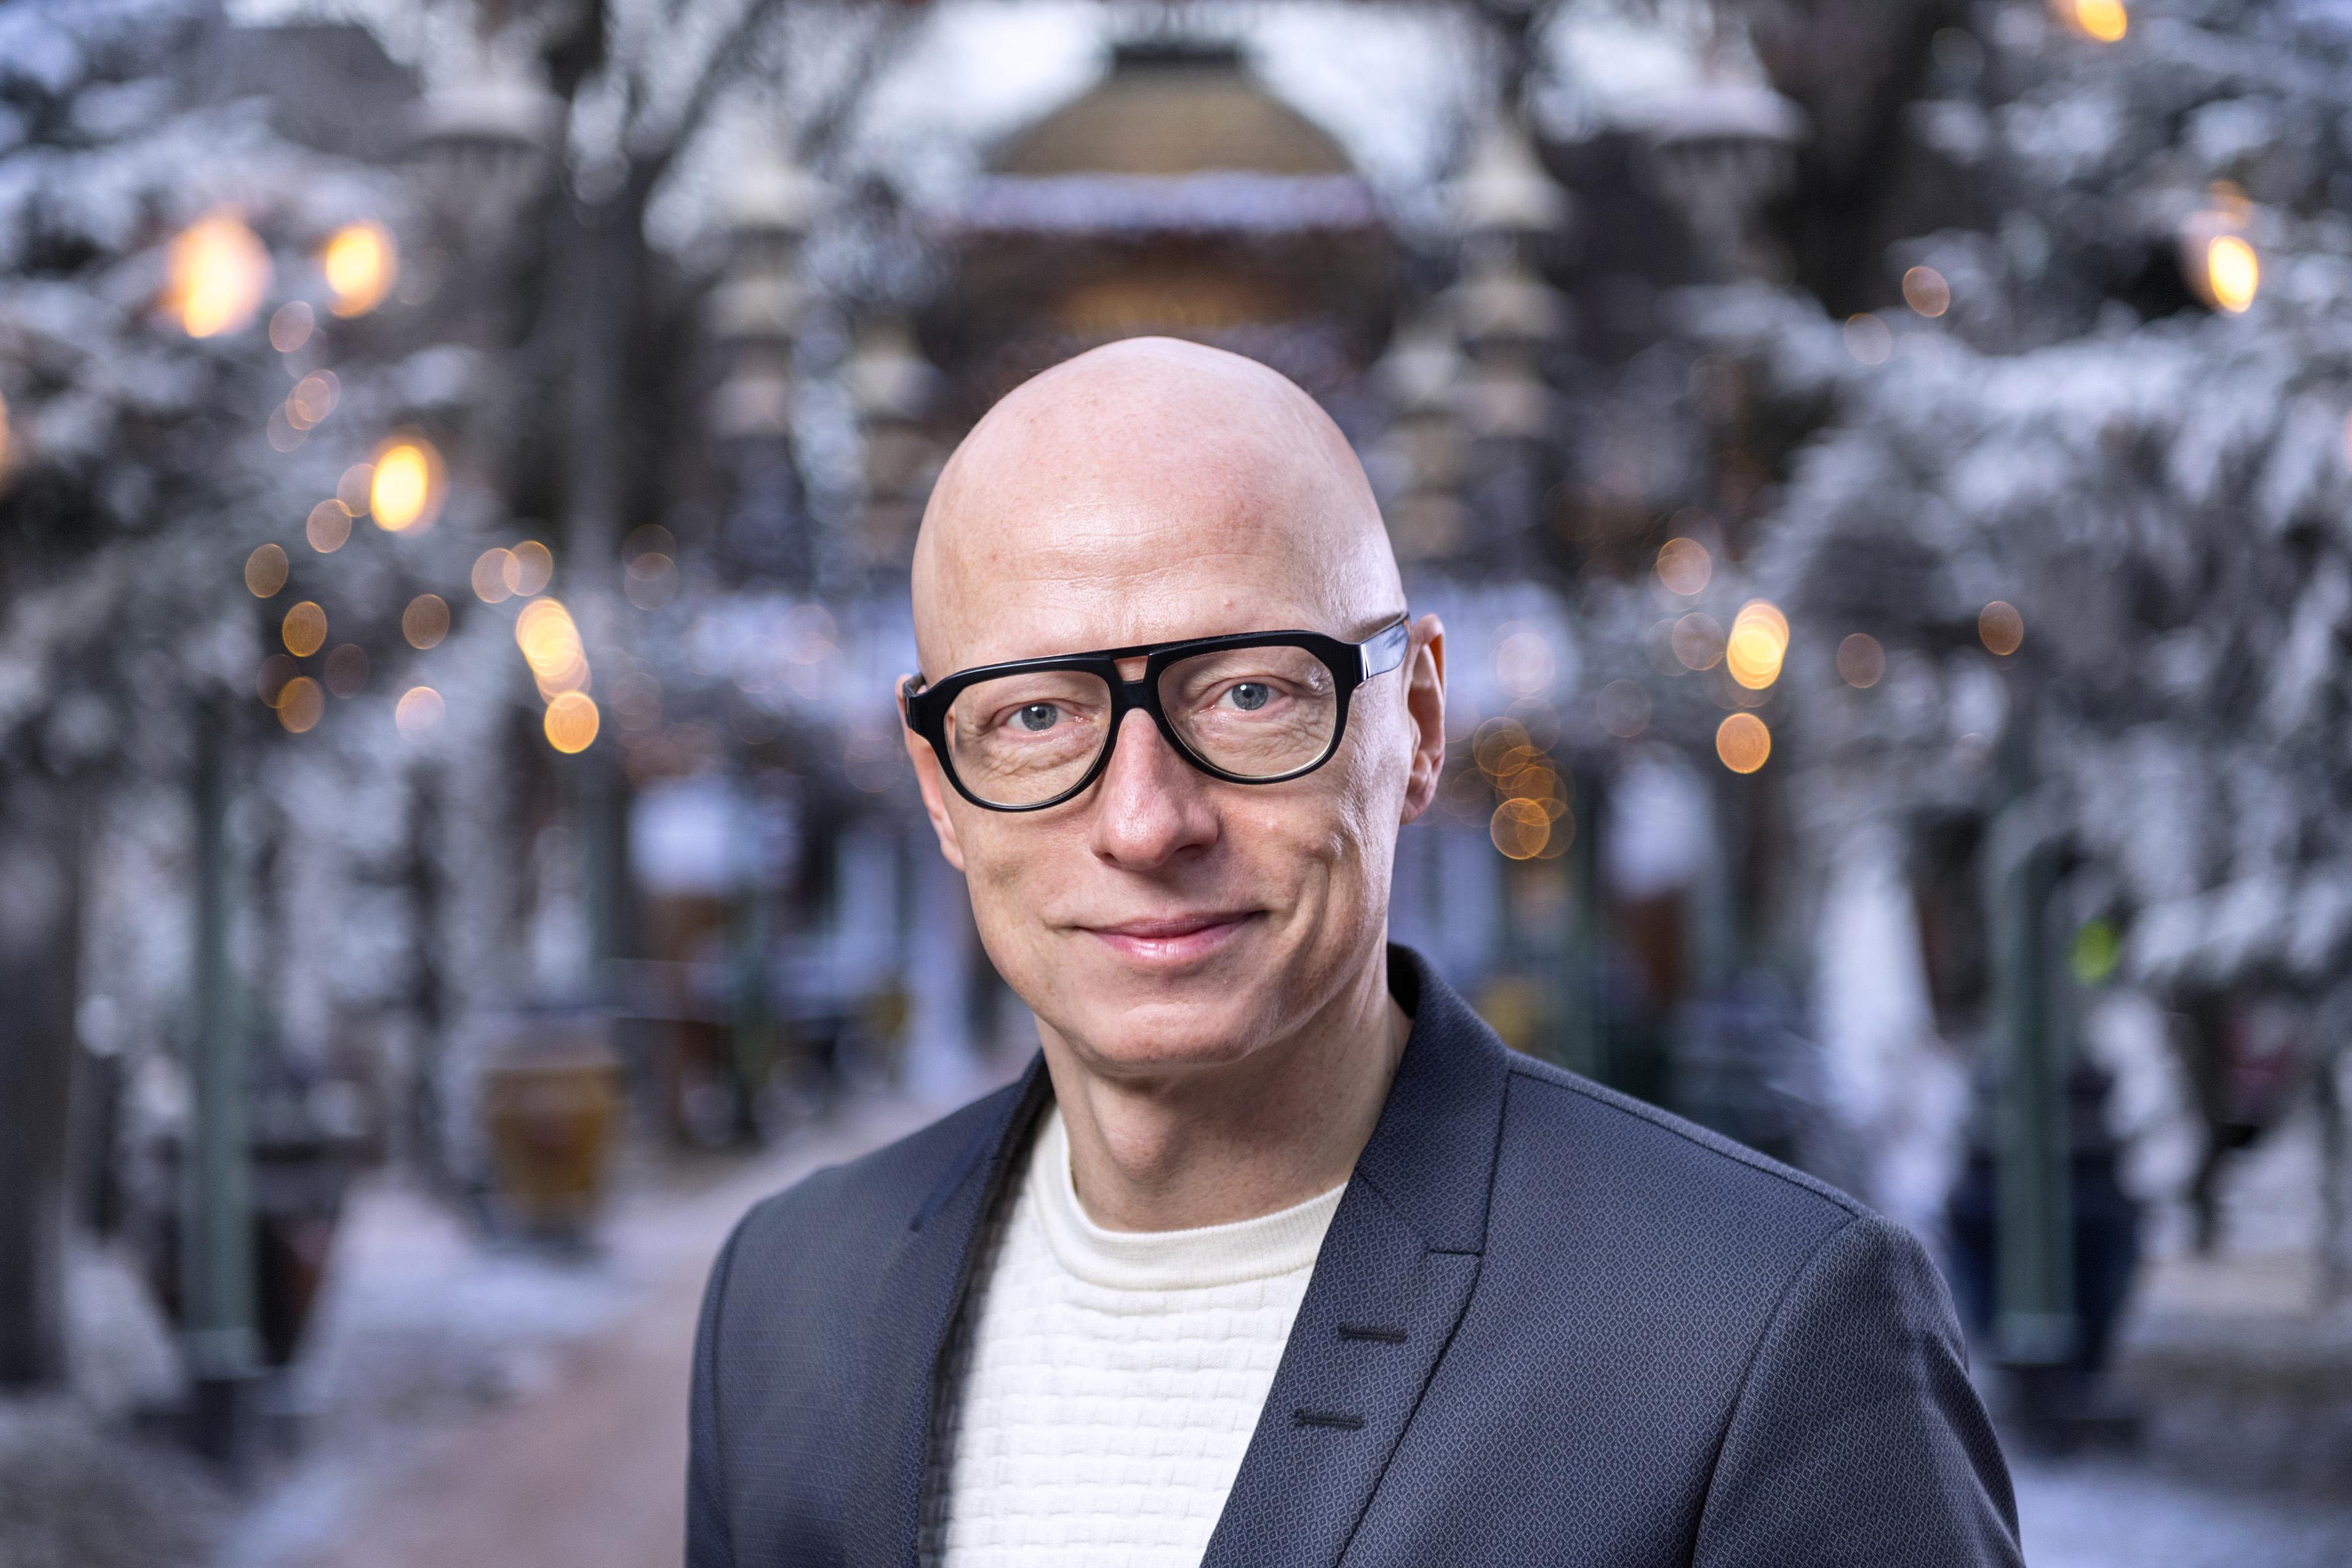 Frederik Wiedemann er ny underdirektør for Kultur i Tivoli. Foto: Bax Lindhardt.